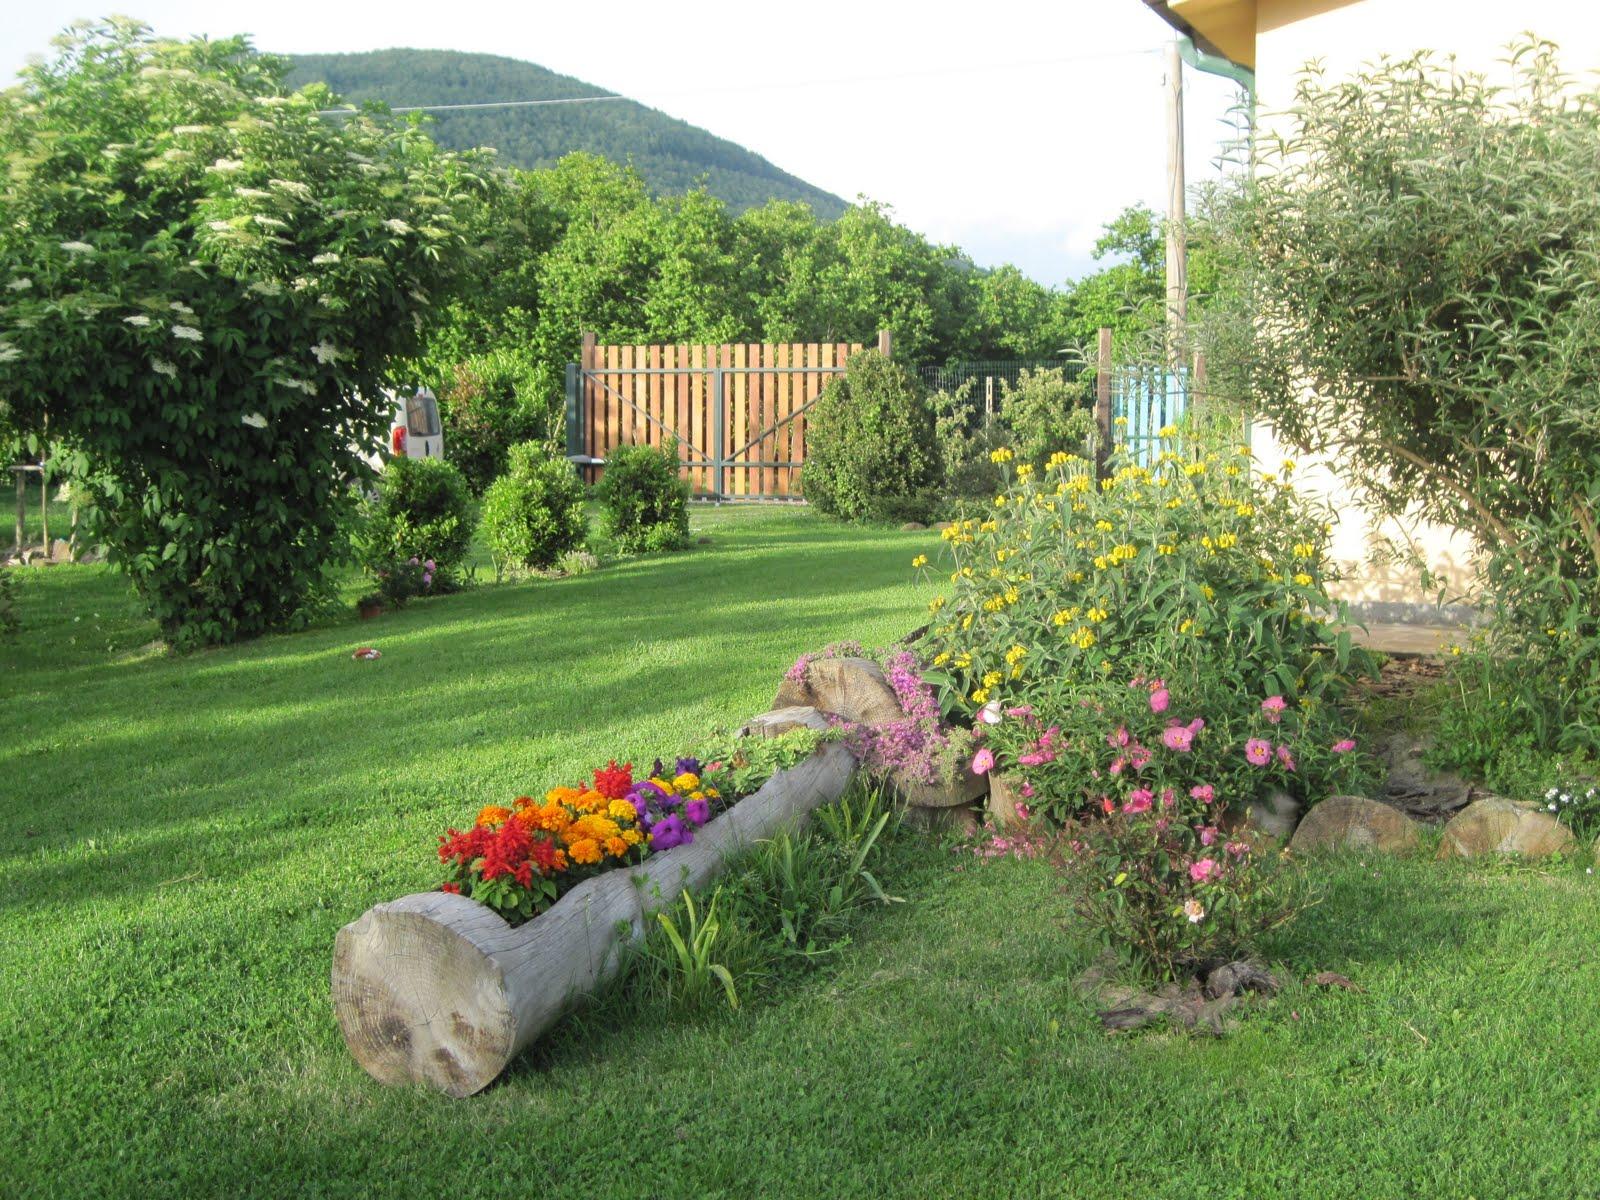 Giardinaggio E Fiori.Il Giardino Sul Lago Raduno Giardinaggio E Fiori 3 7 2010